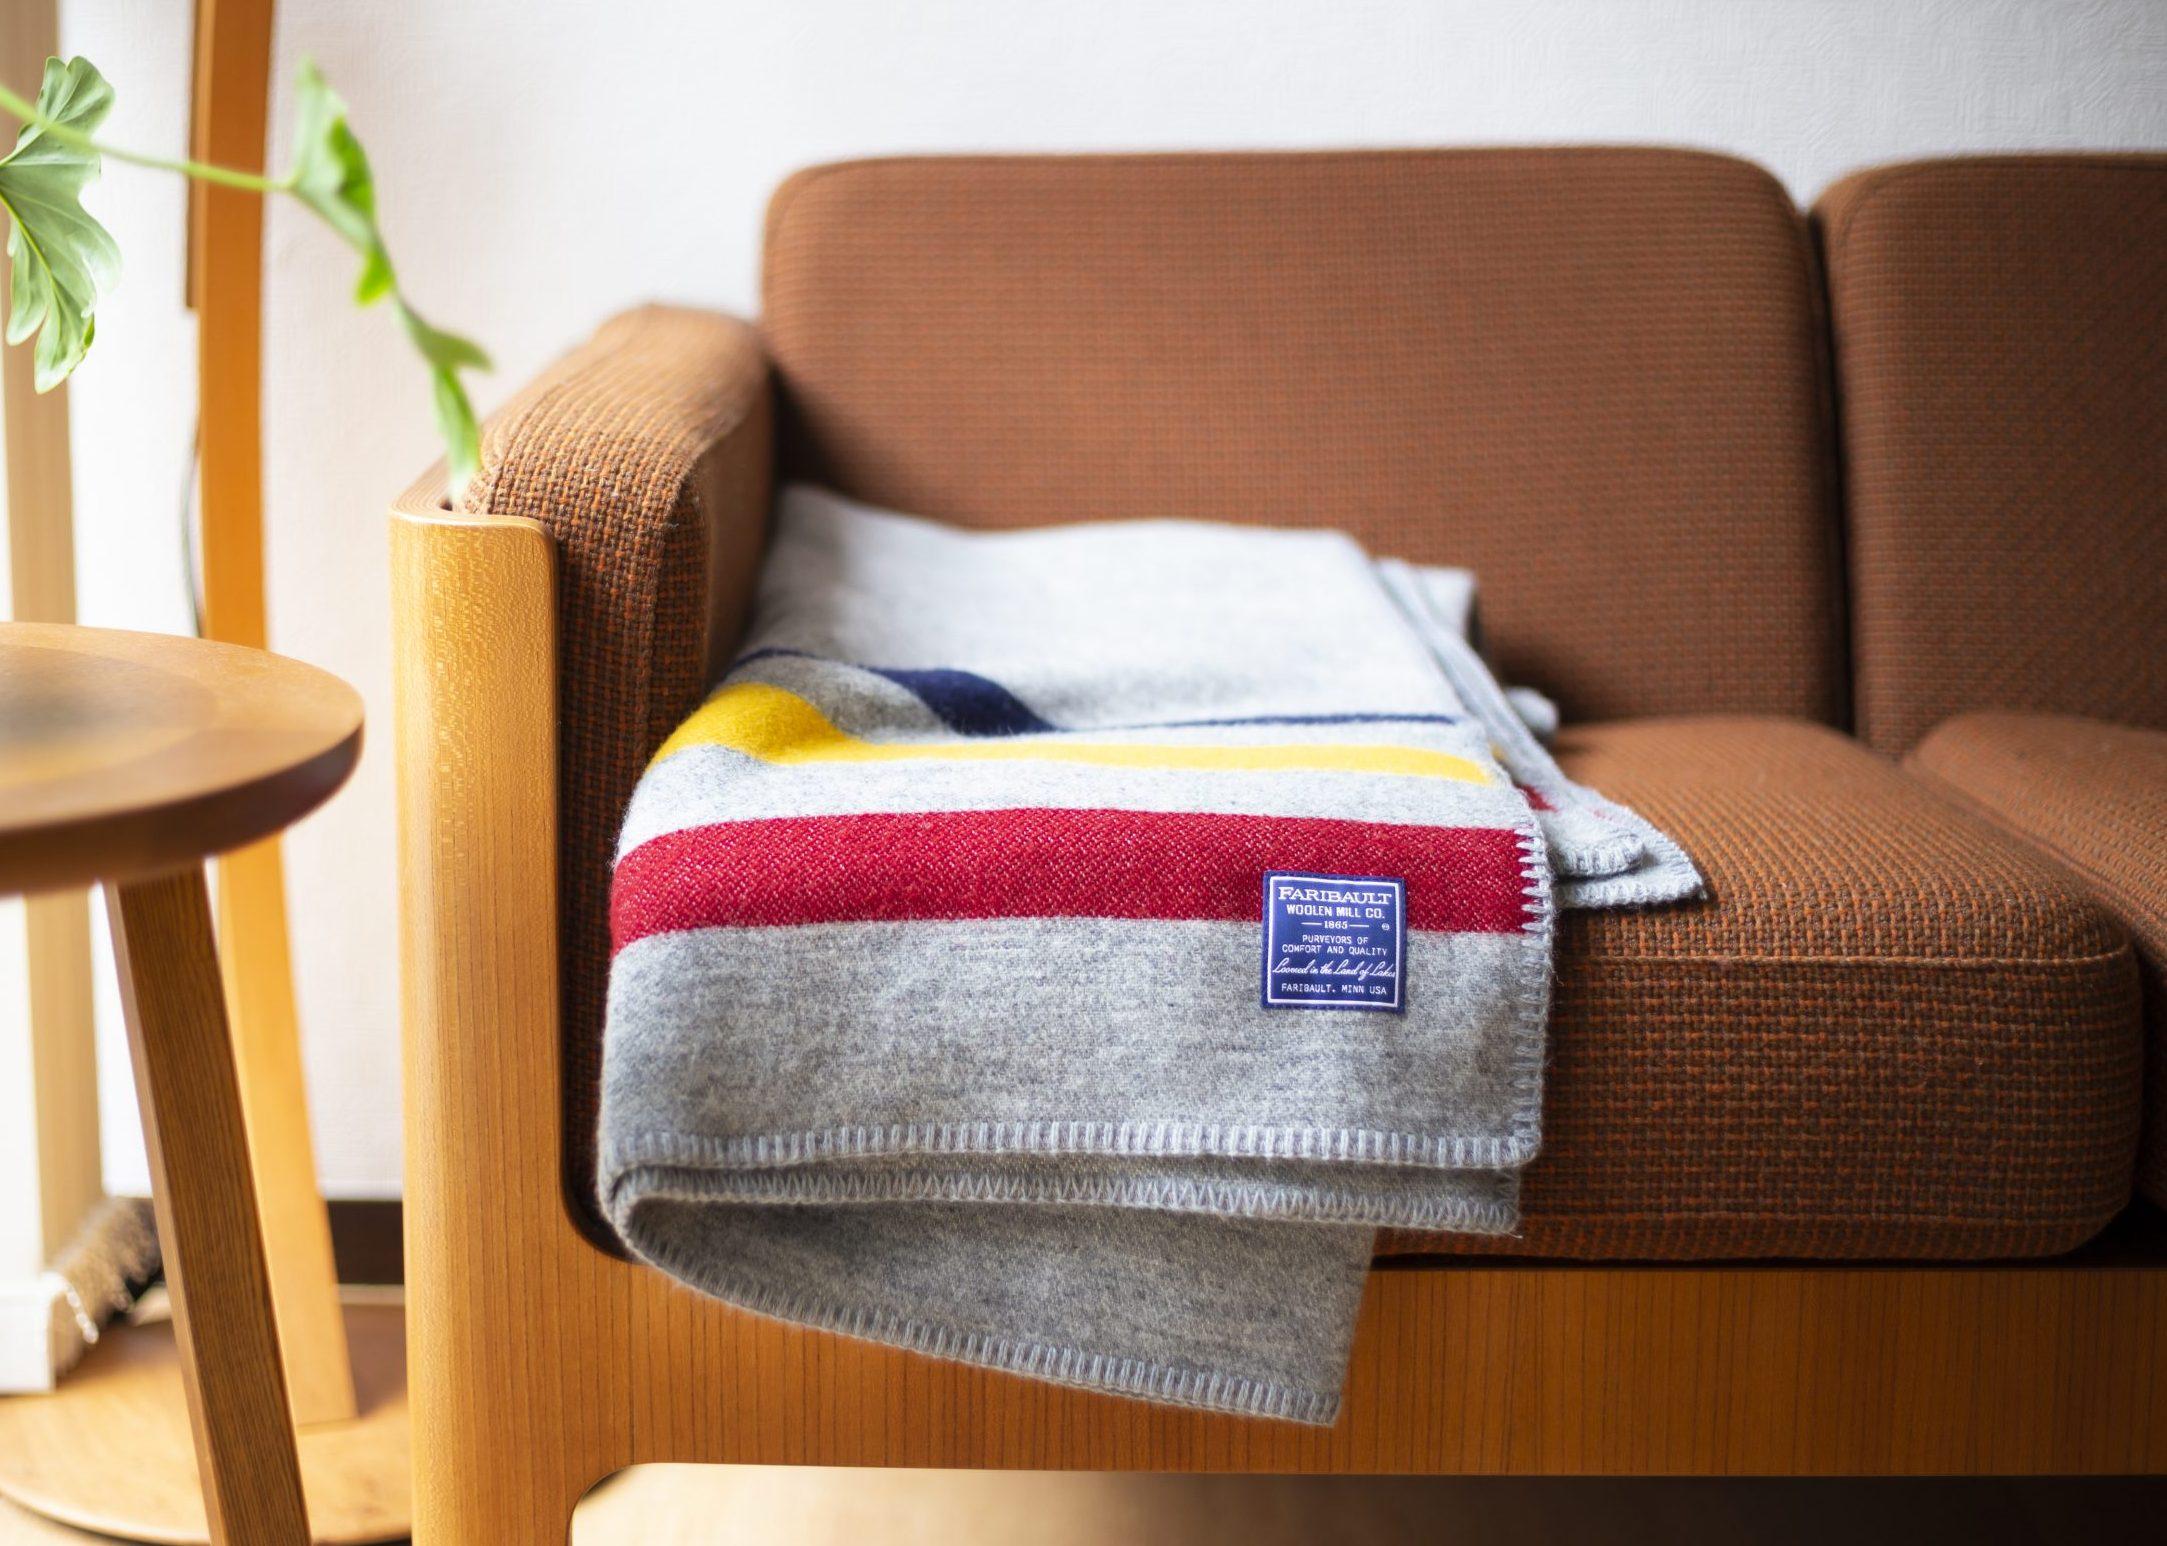 アウトドアの匂いを纏う毛布。ファリバルト・ウーレンミル